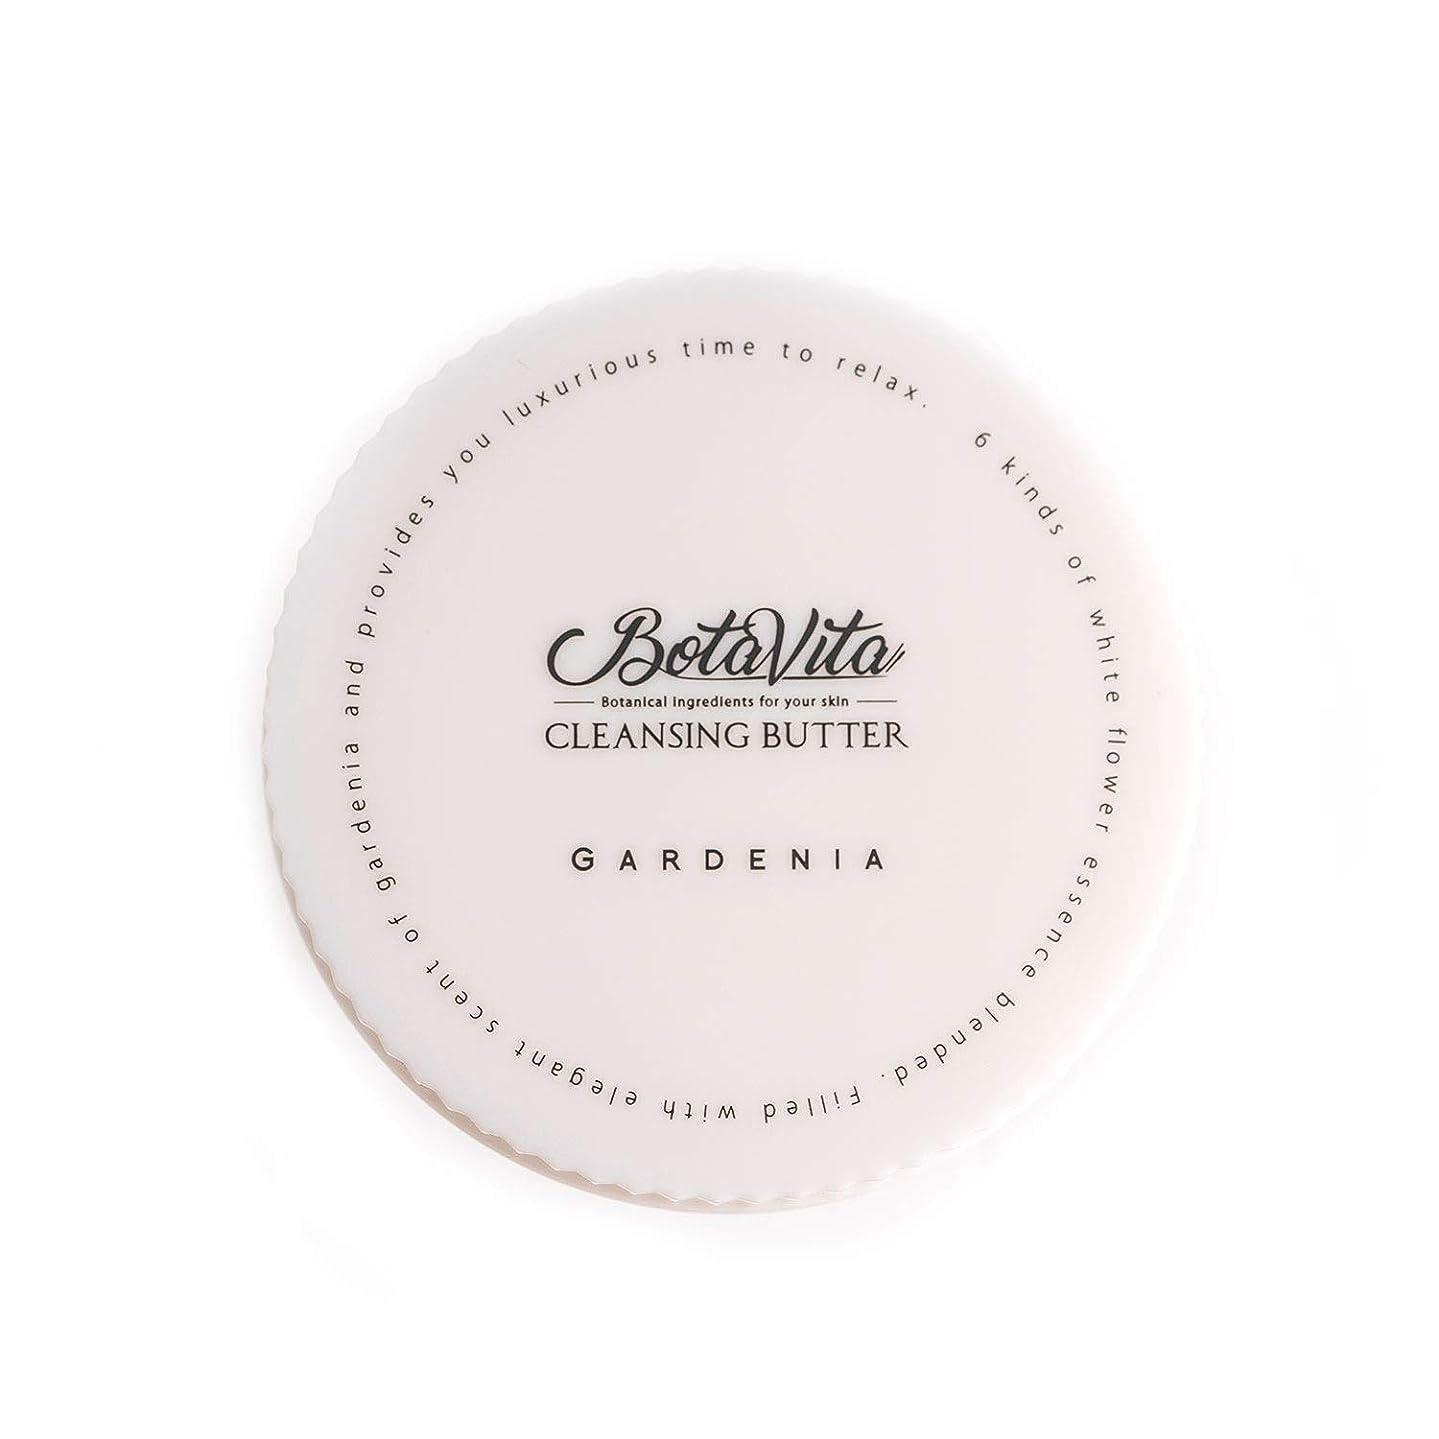 月曜日陸軍市の花BotaVita ボタヴィータ クレンジングバター (ガーデニア) 80g 約40日分 ダブル洗顔不要  マツエクOK 保湿ケア 毛穴汚れオフ